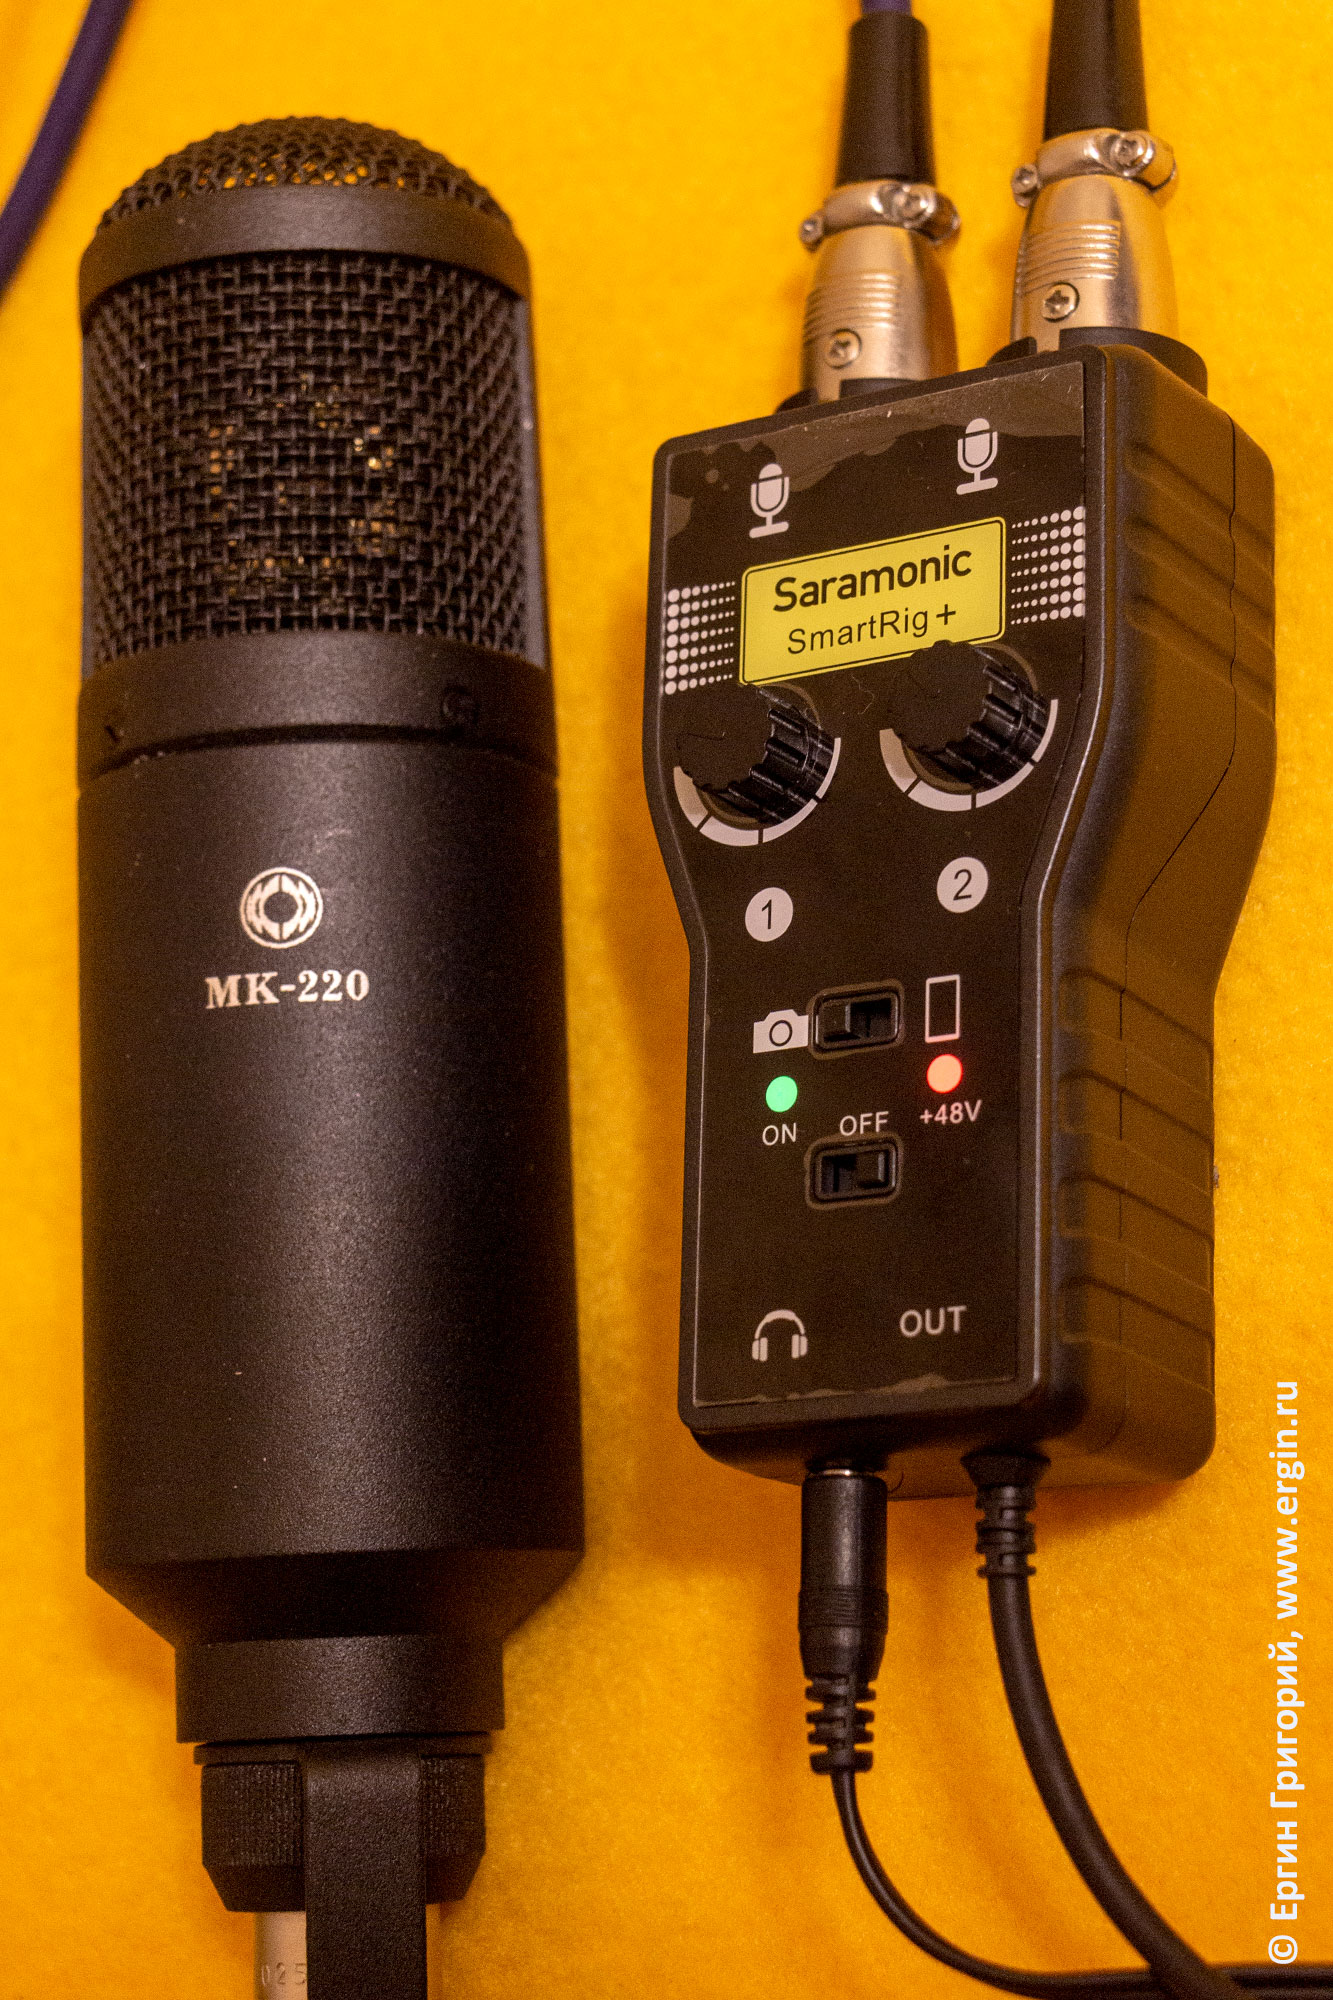 """Saramonic SmartRig+работа со студийным кондесаторным микрофоном """"Октава"""" МК-220, с фантомным питанием 48В"""